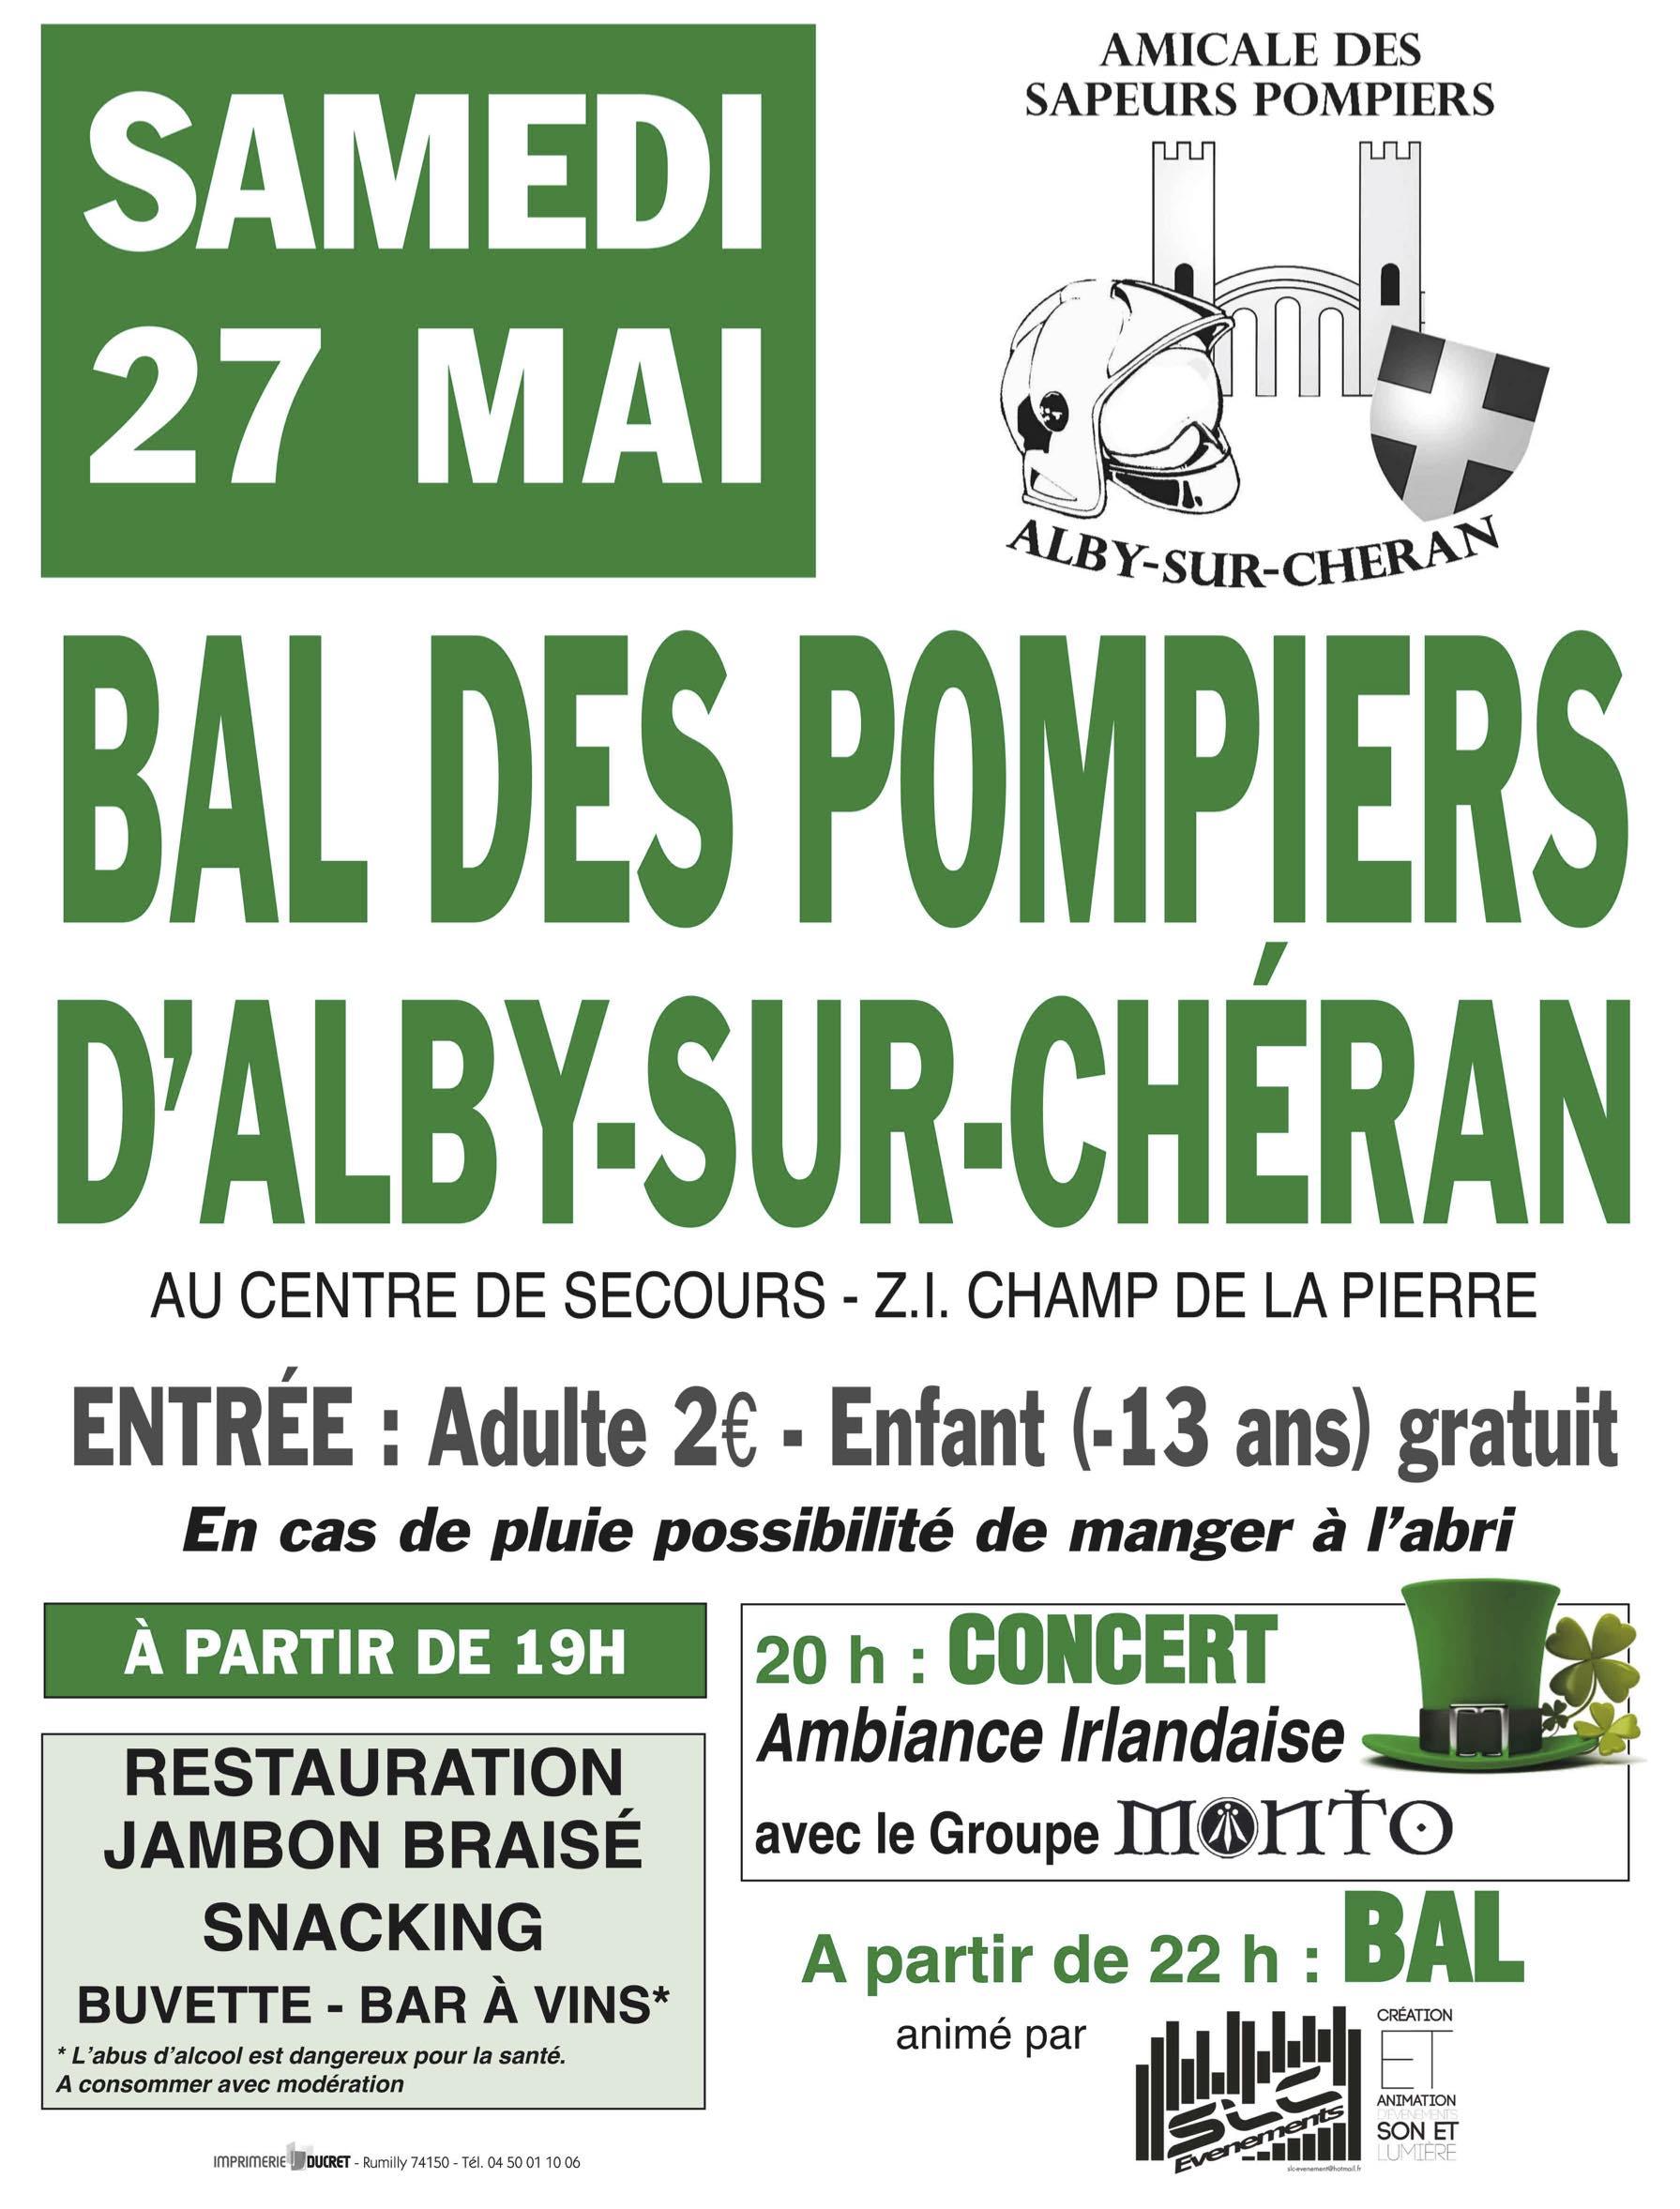 PUB-BAL-DES-POMPIERS-ALBY